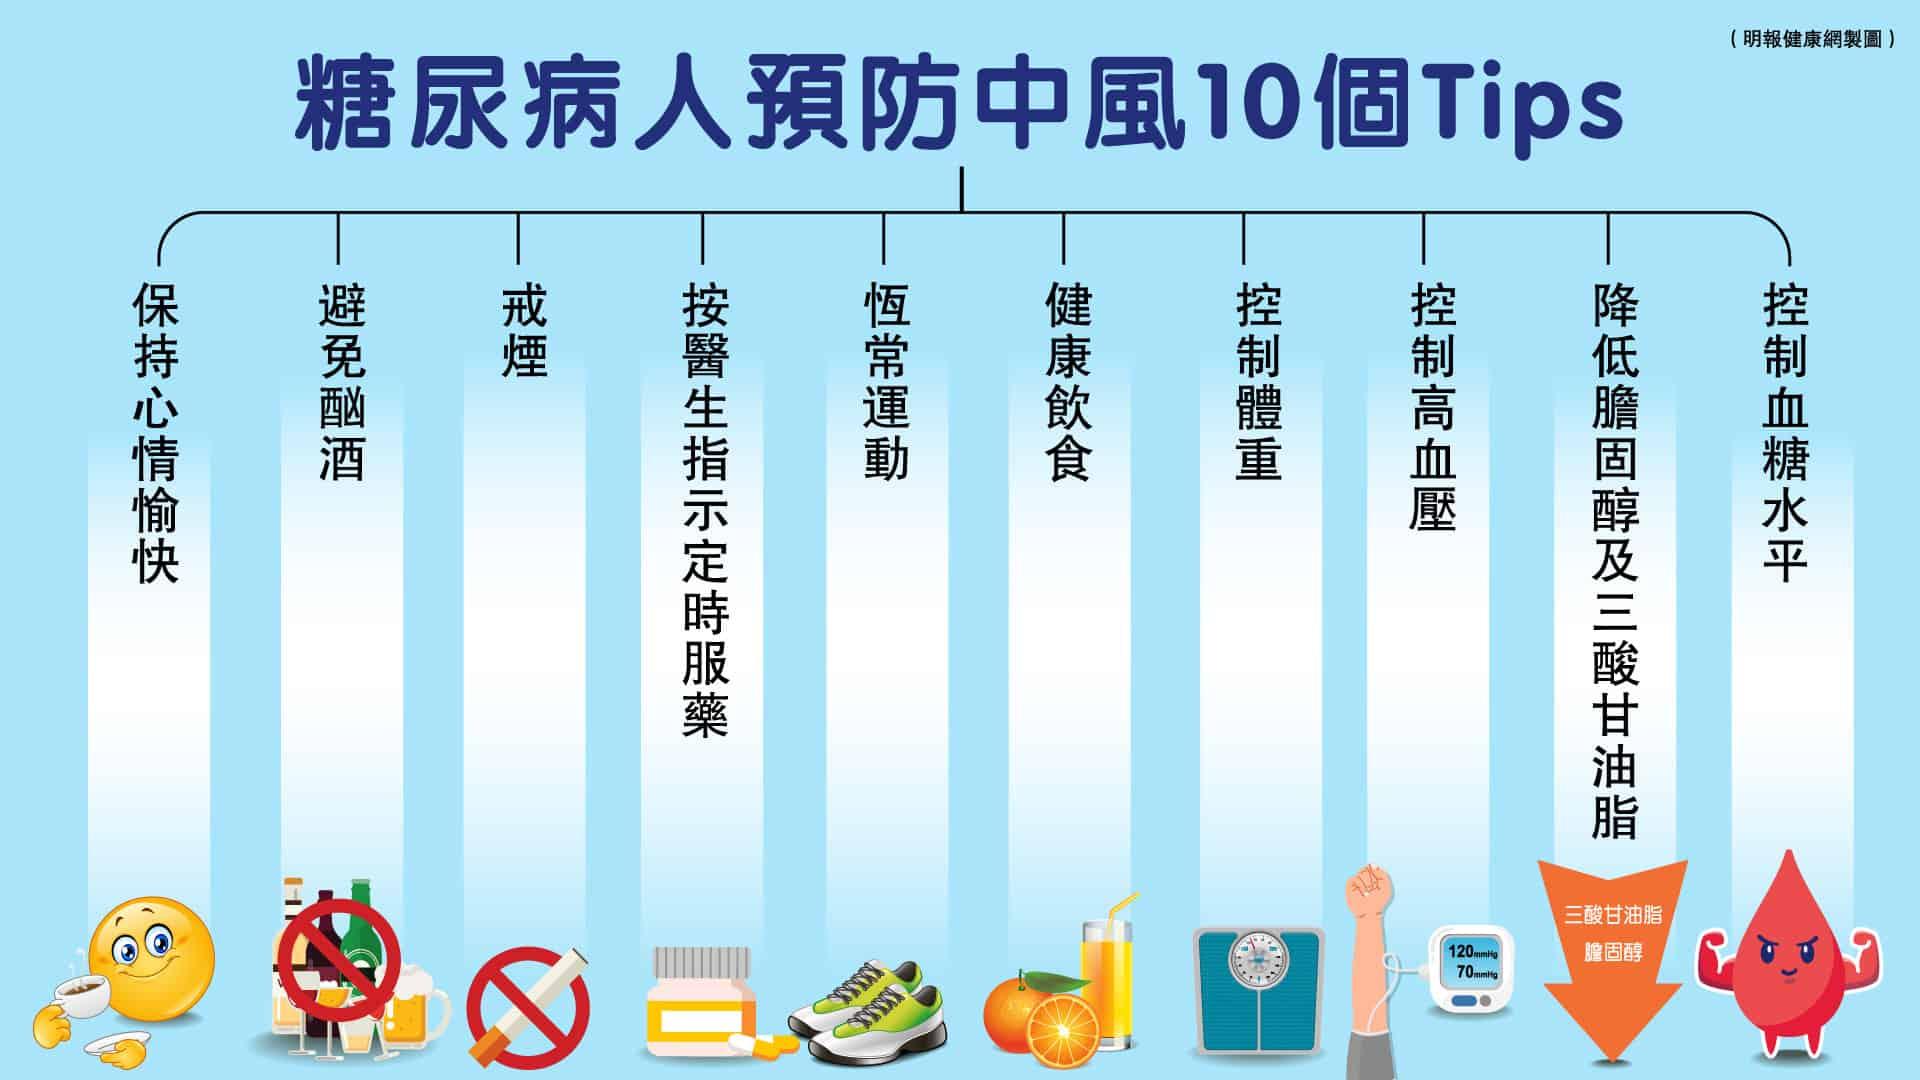 糖尿病患者的中風風險較一般人高,故要好好控制「三高」和體重,要預防中風,不妨參考以下10個貼士。